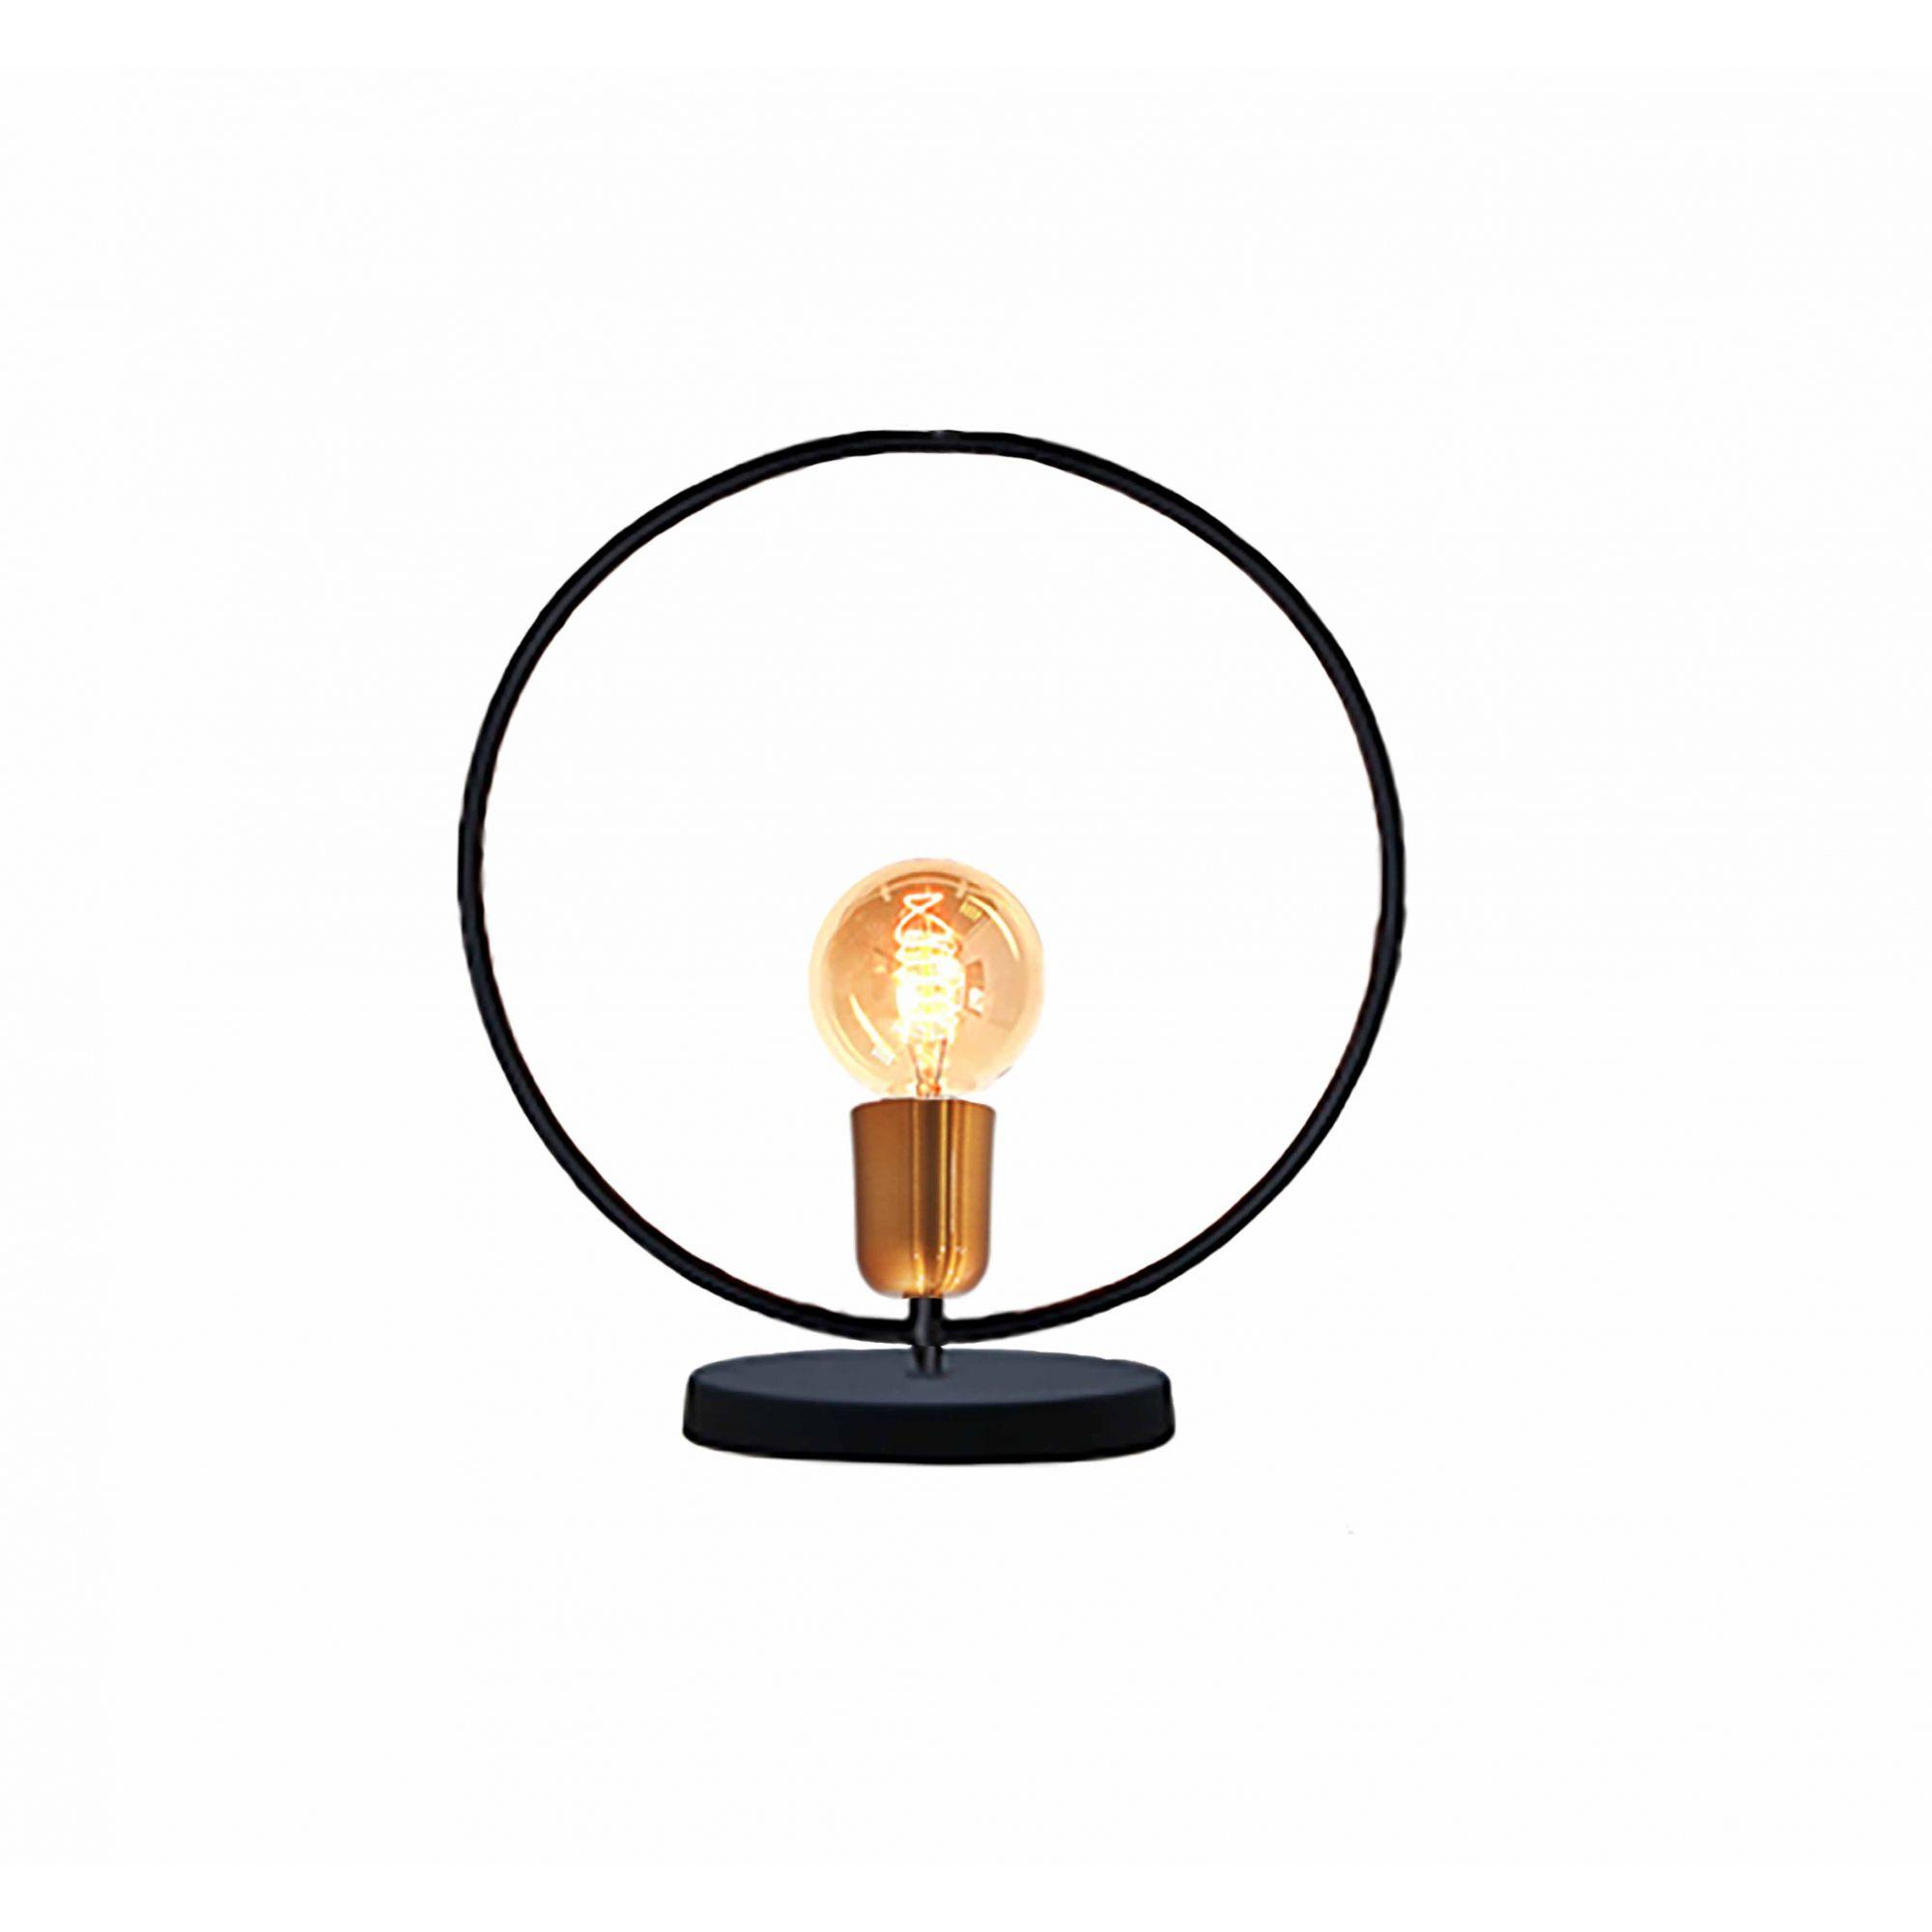 Luminária de mesa abajur Retrô redondo preto fosco em alumínio 30cm x 33cm x 12cm para 1 lâmpada E27